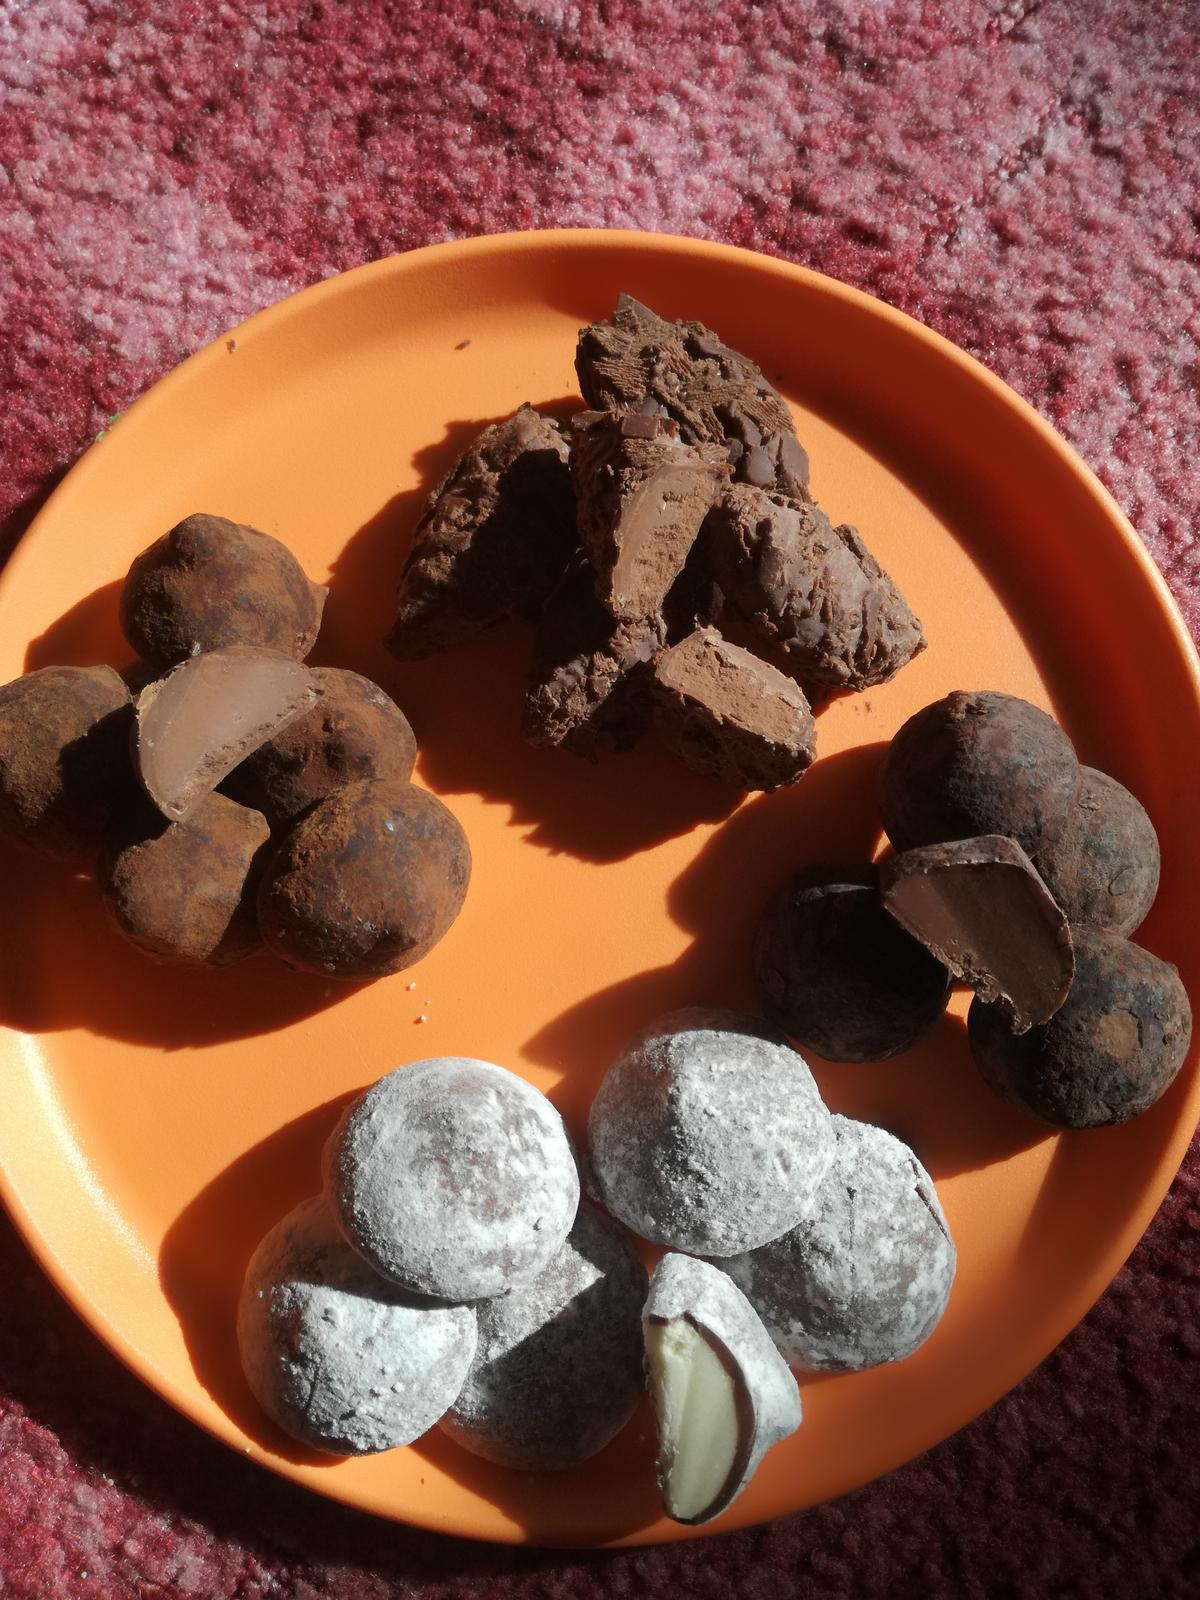 Lahodné čokoládové pralinky - Obrázek č. 1